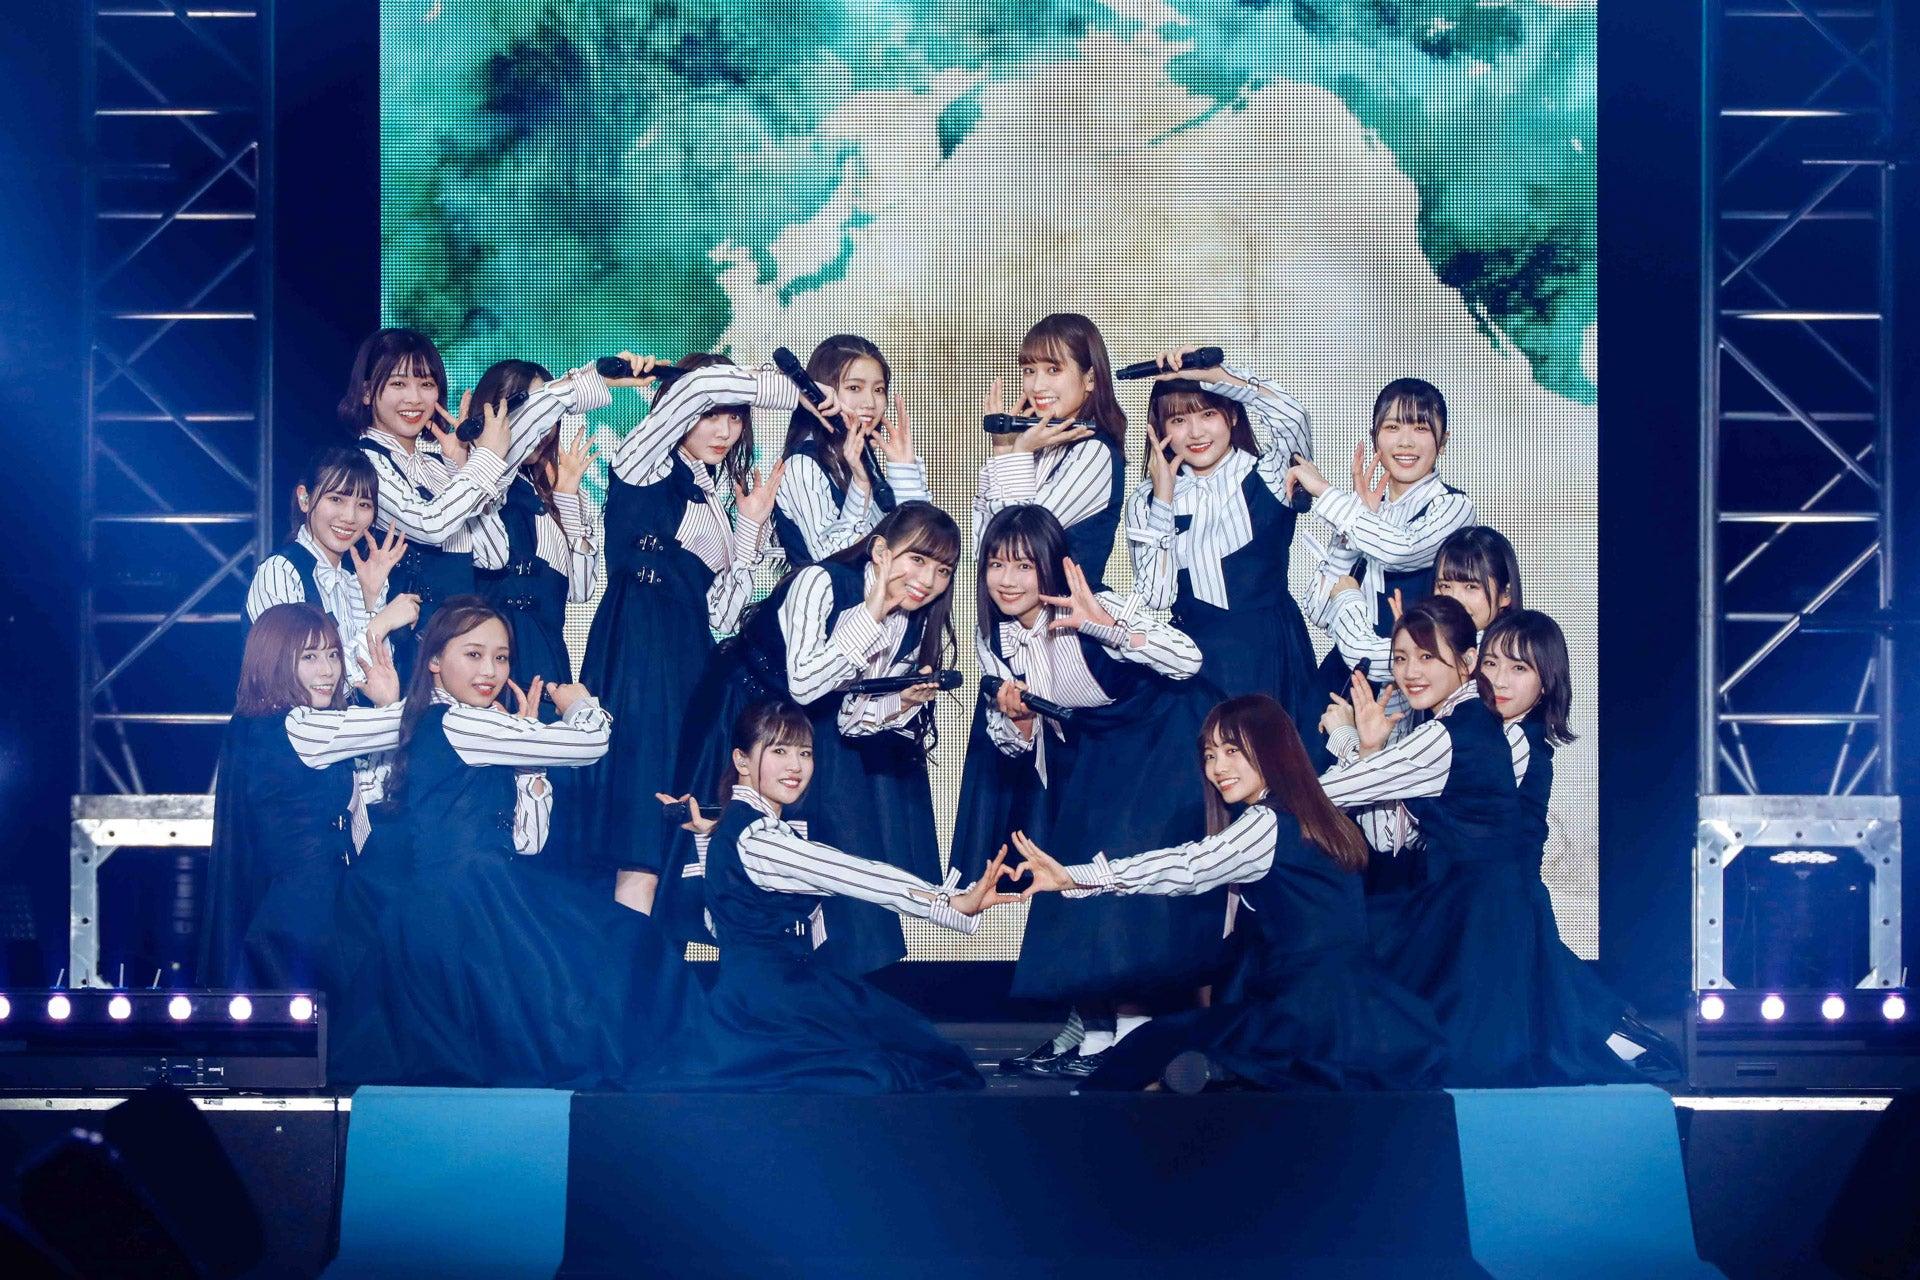 日向坂46、DASADAコラボライブの写真&レポが各メデイアで解禁! : 日向坂46まとめもり~